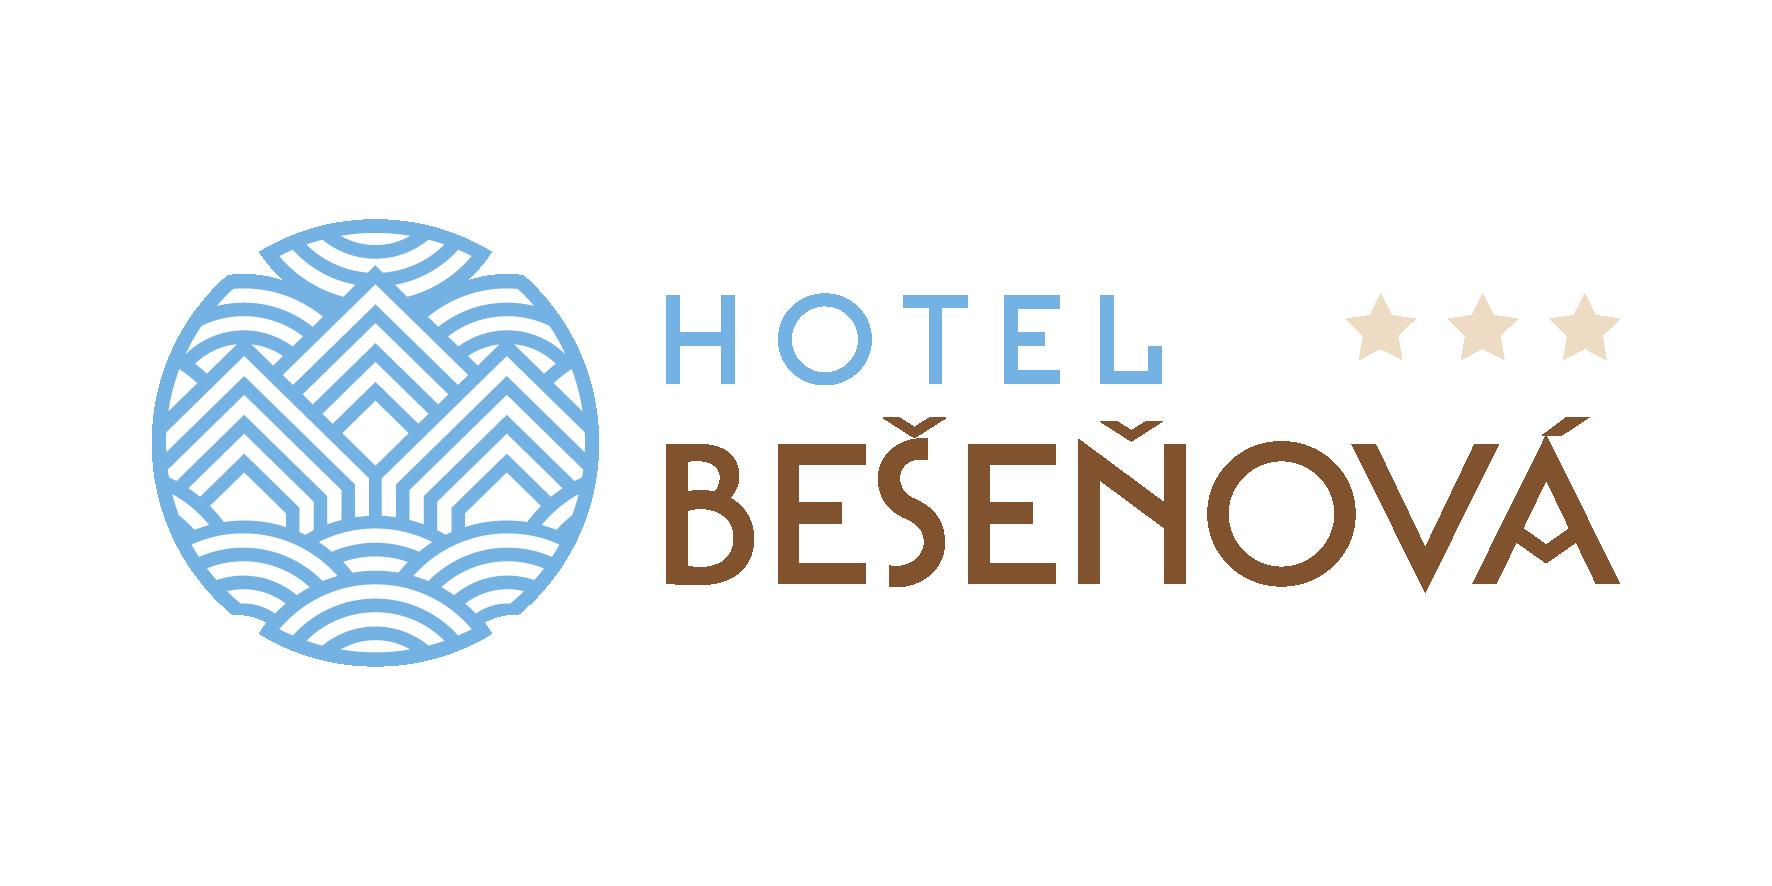 Hotel Bešeňová - Hotel Bešeňová